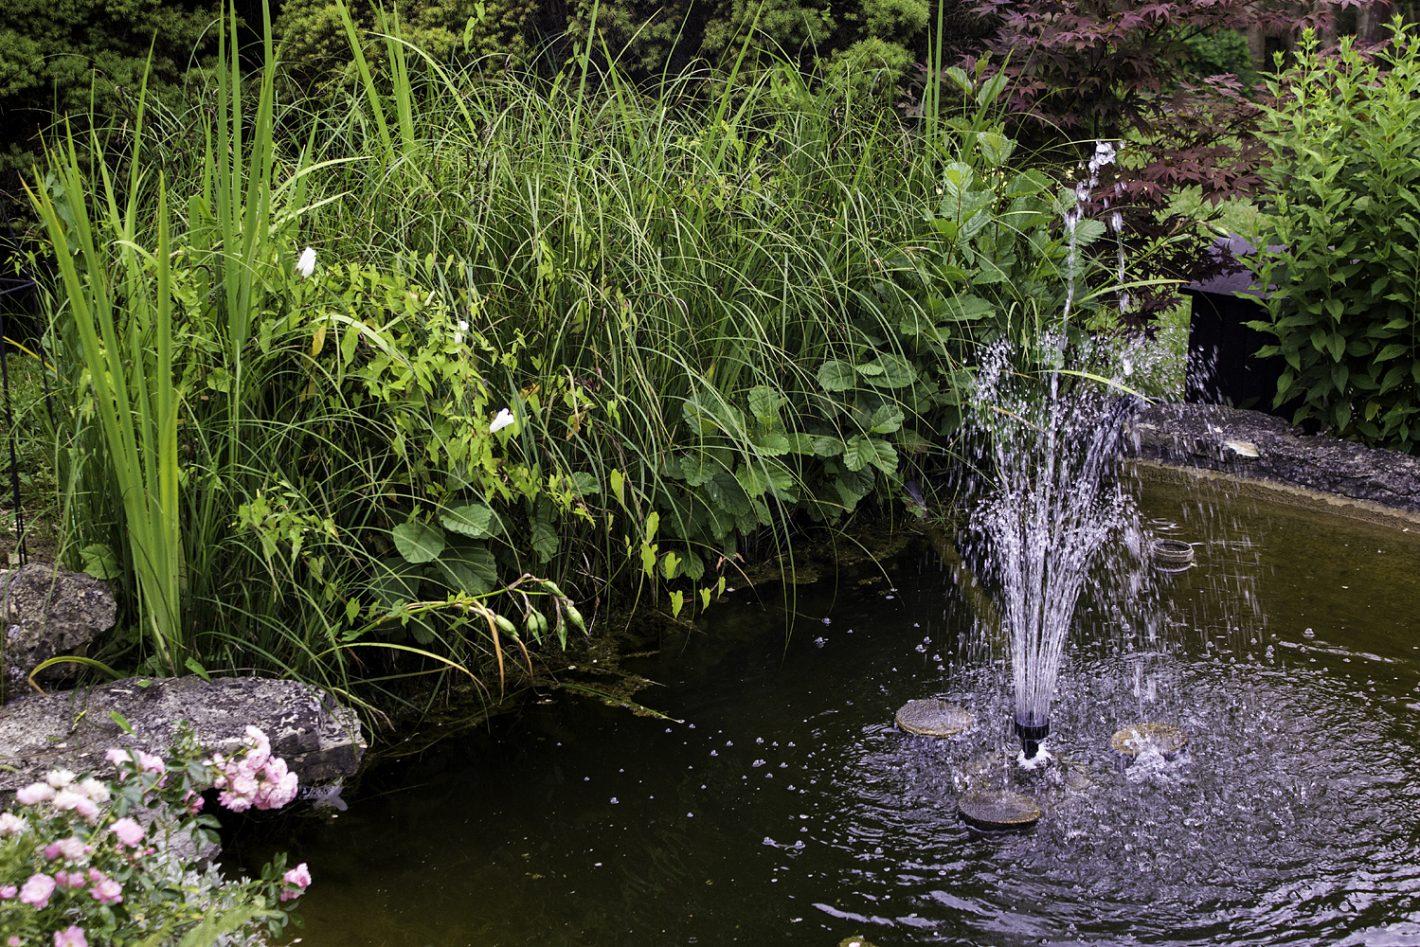 Ökosystem Gartenteich – Aufbau und Erhaltung